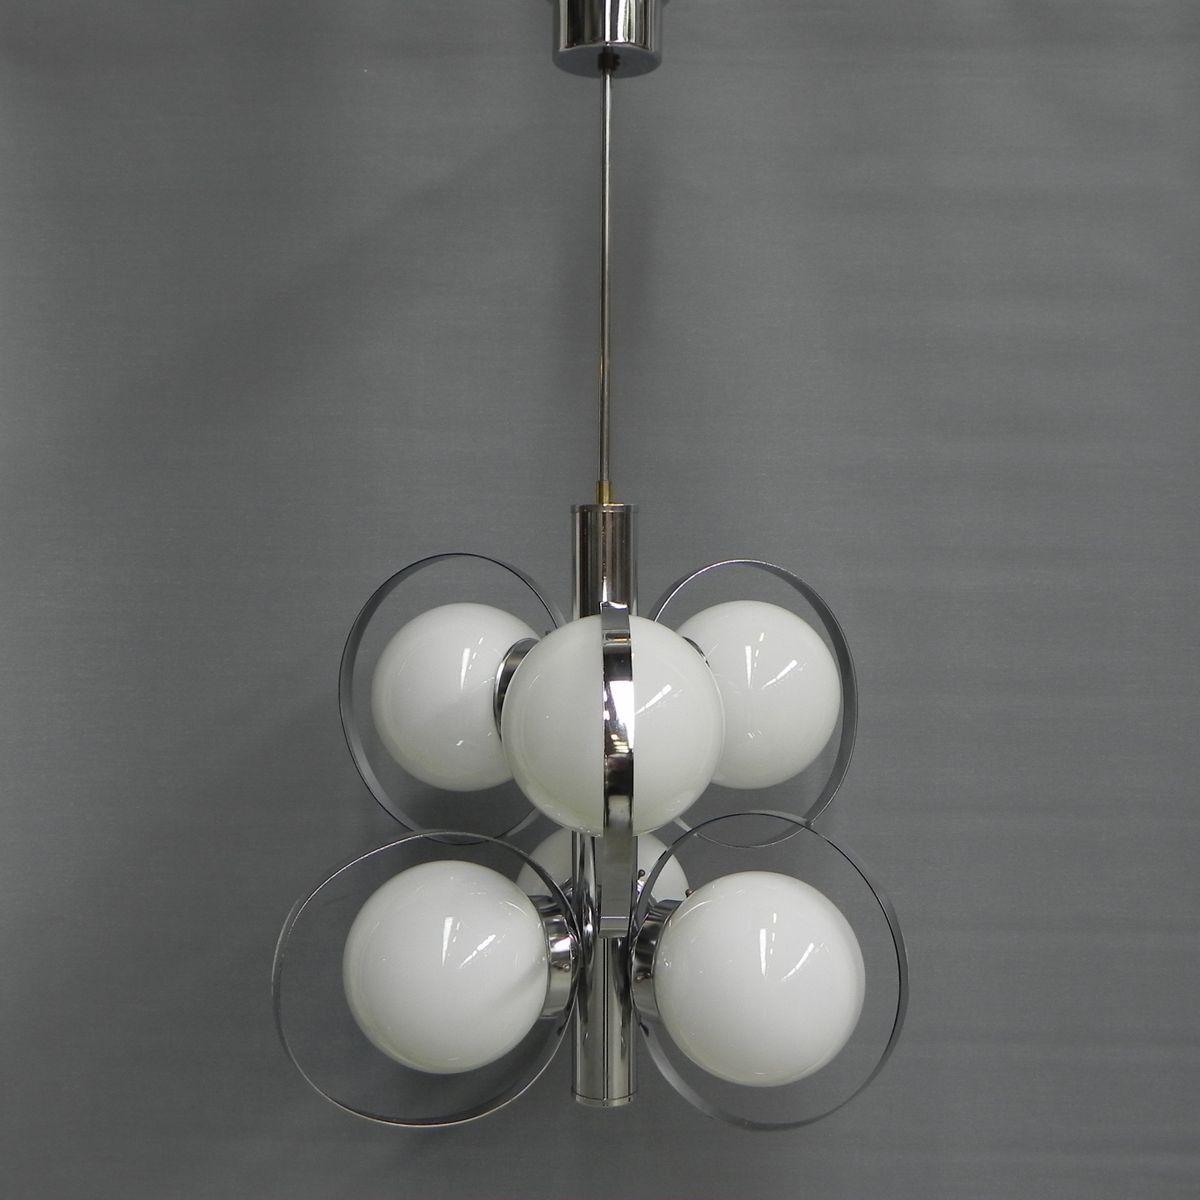 Billige Deckenlampen Led Deckenleuchte Sylla Mit Fernbedienung Led Deckenstrahler 230v Wohnzimmer Deckenl Led Deckenstrahler Deckenlampe Led Deckenlampen